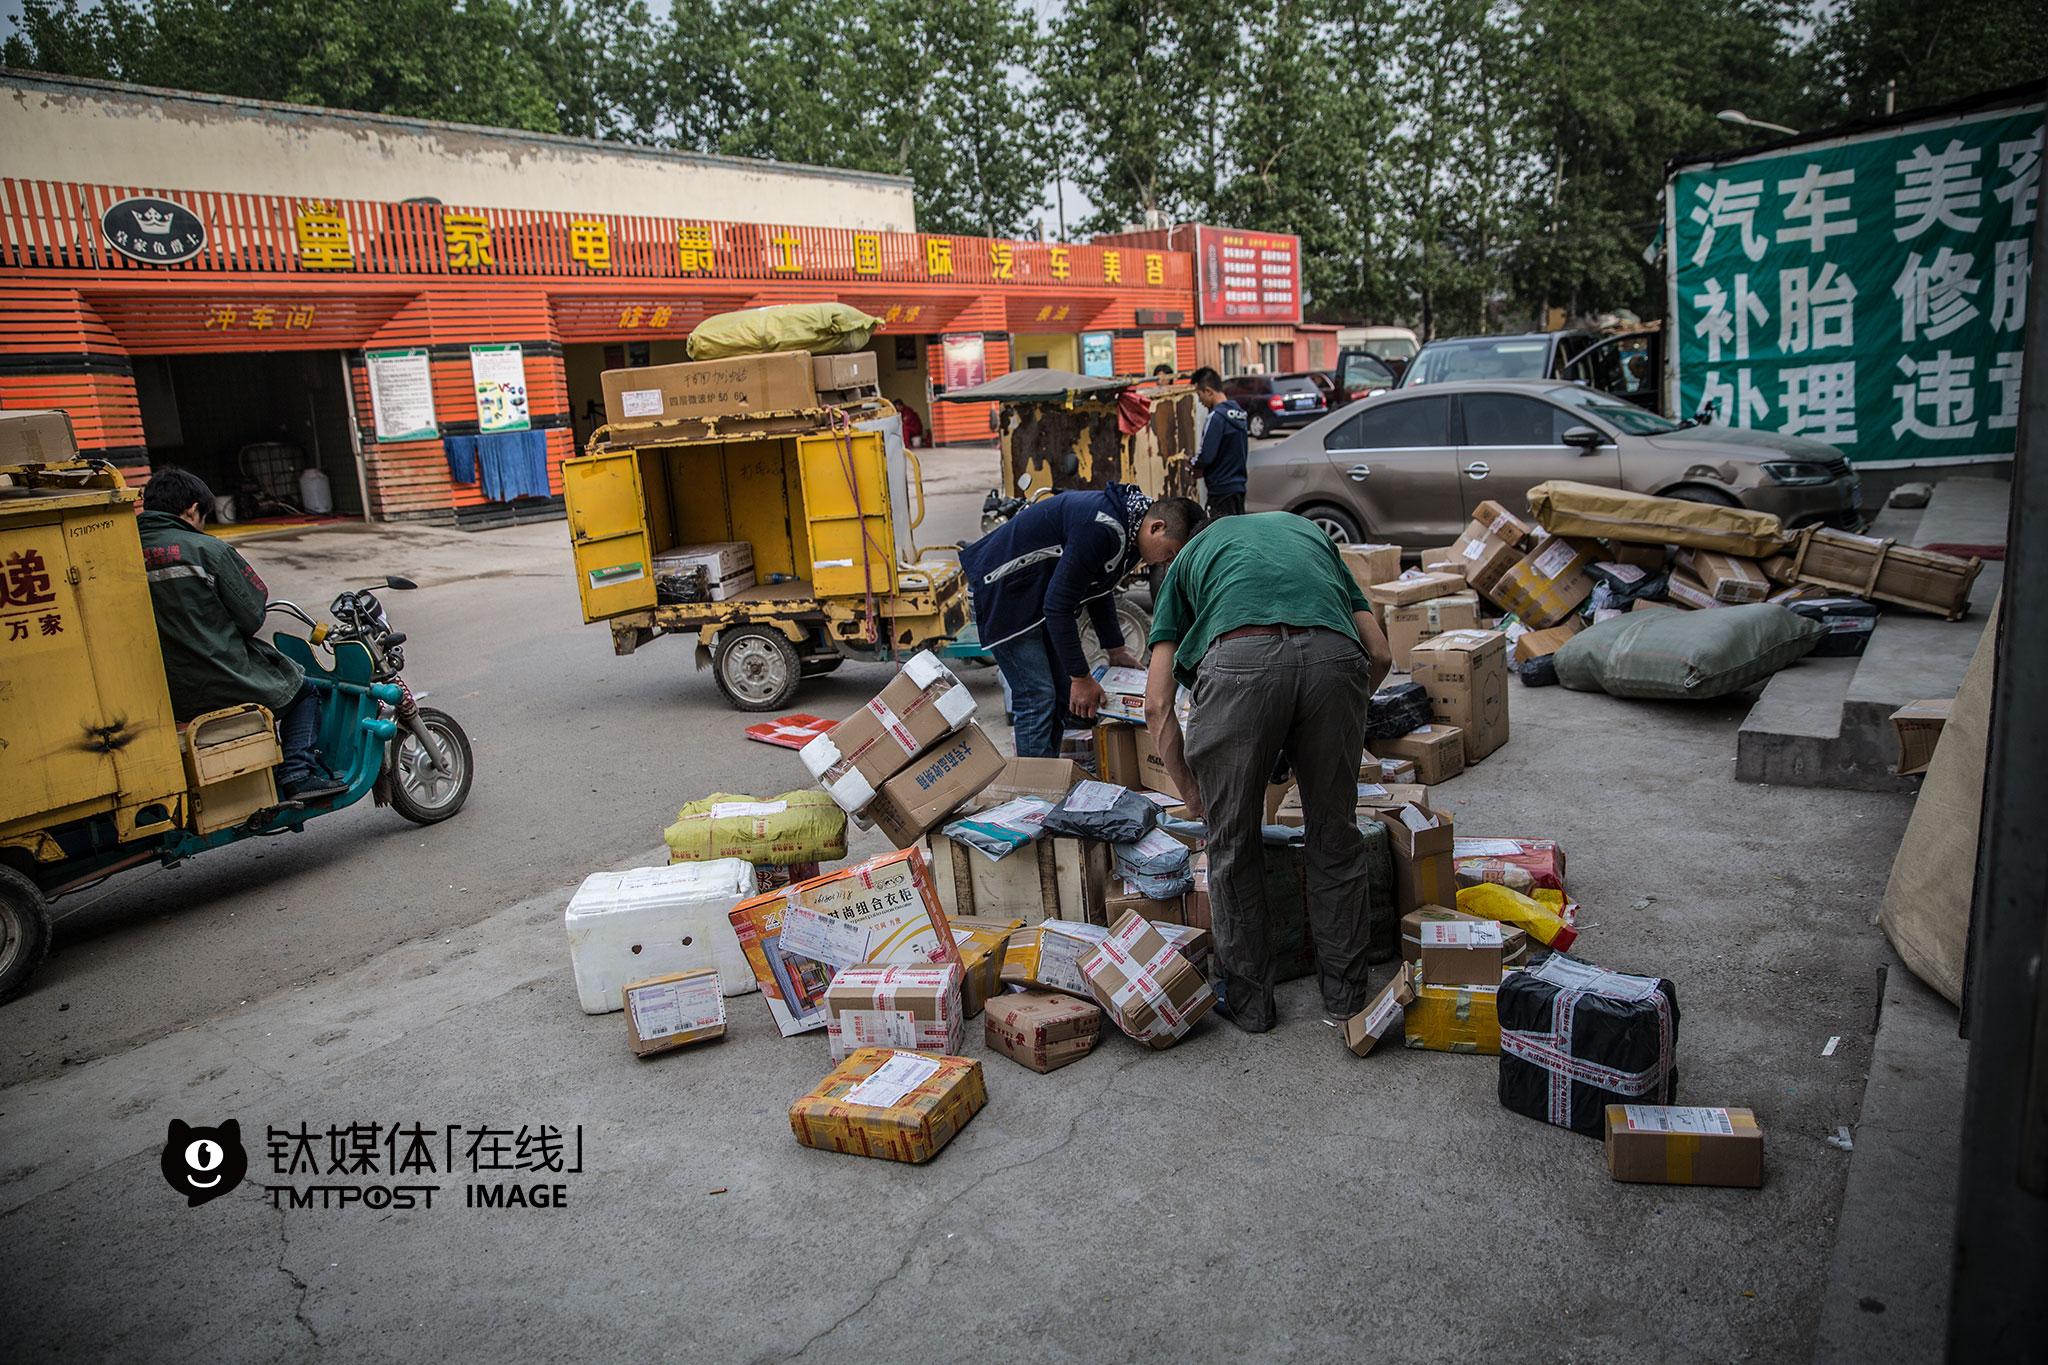 2016年4月29日早上,一家快递公司位于北京市朝阳区的站点,快递员将分拣完毕的包裹装车。